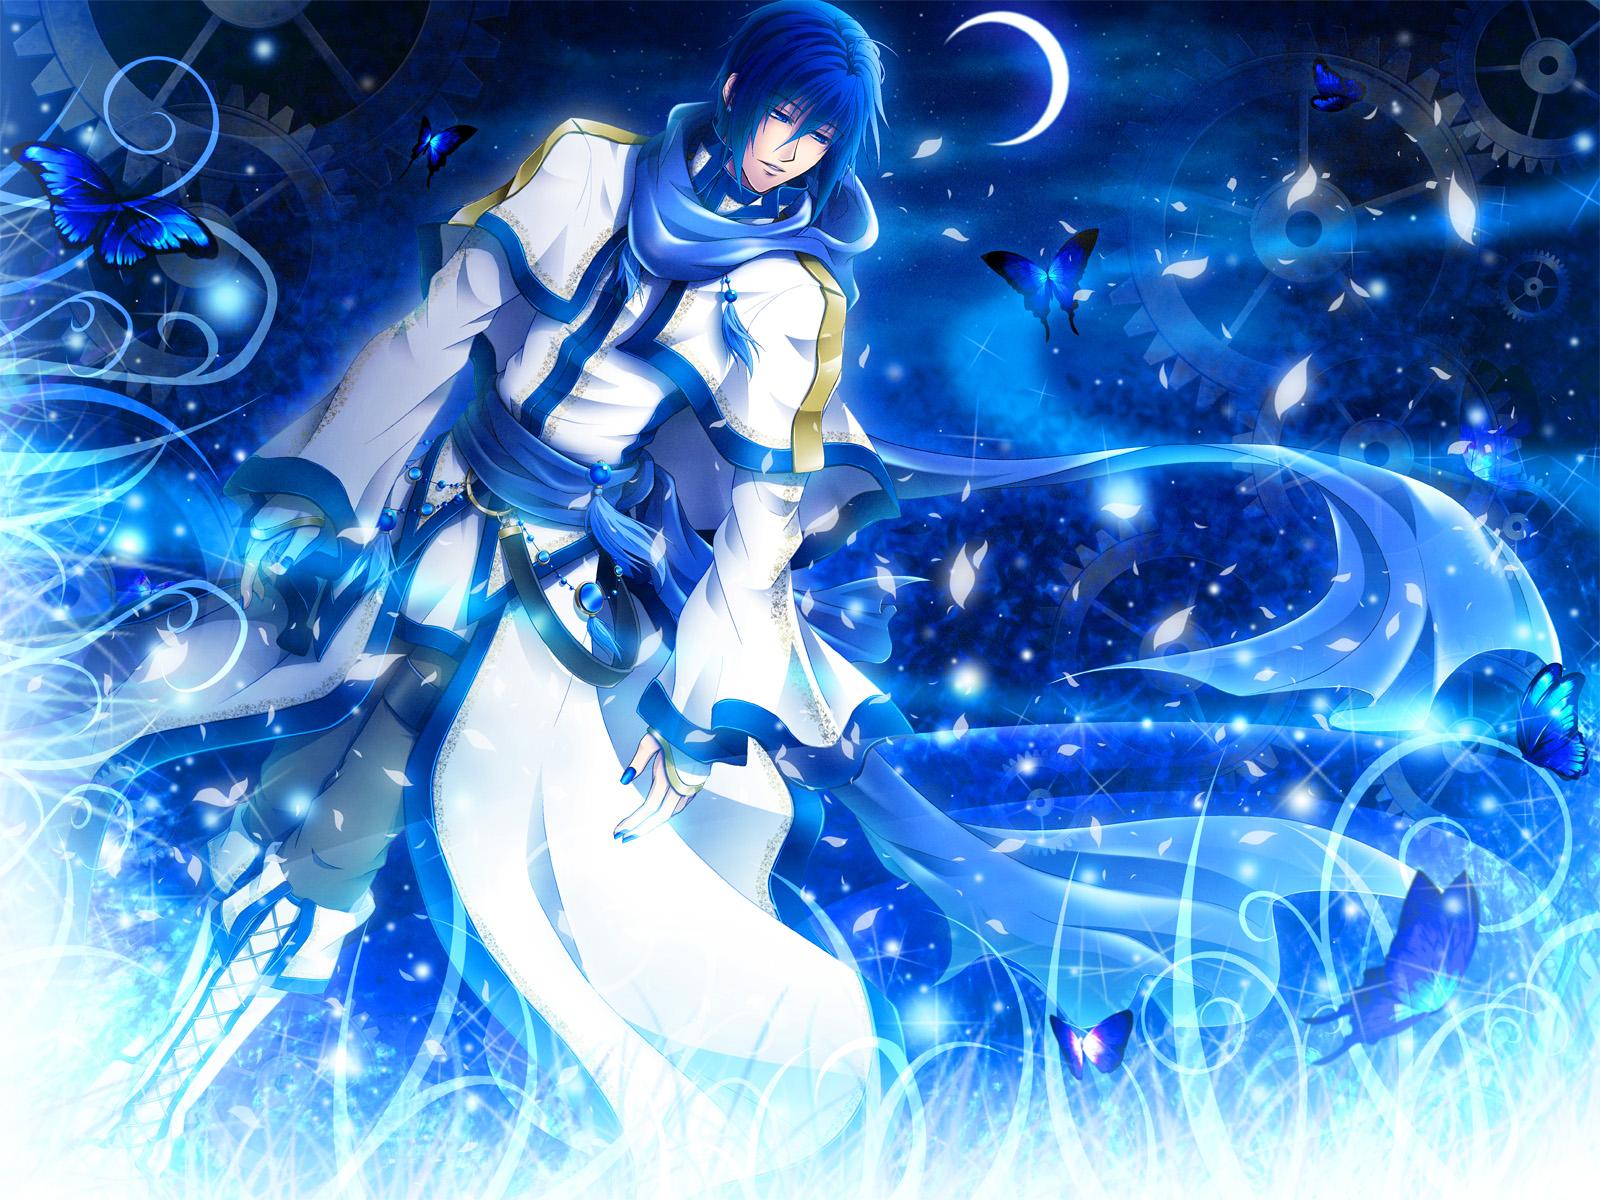 Anime - Vocaloid  - Kaito - Shion Papel de Parede